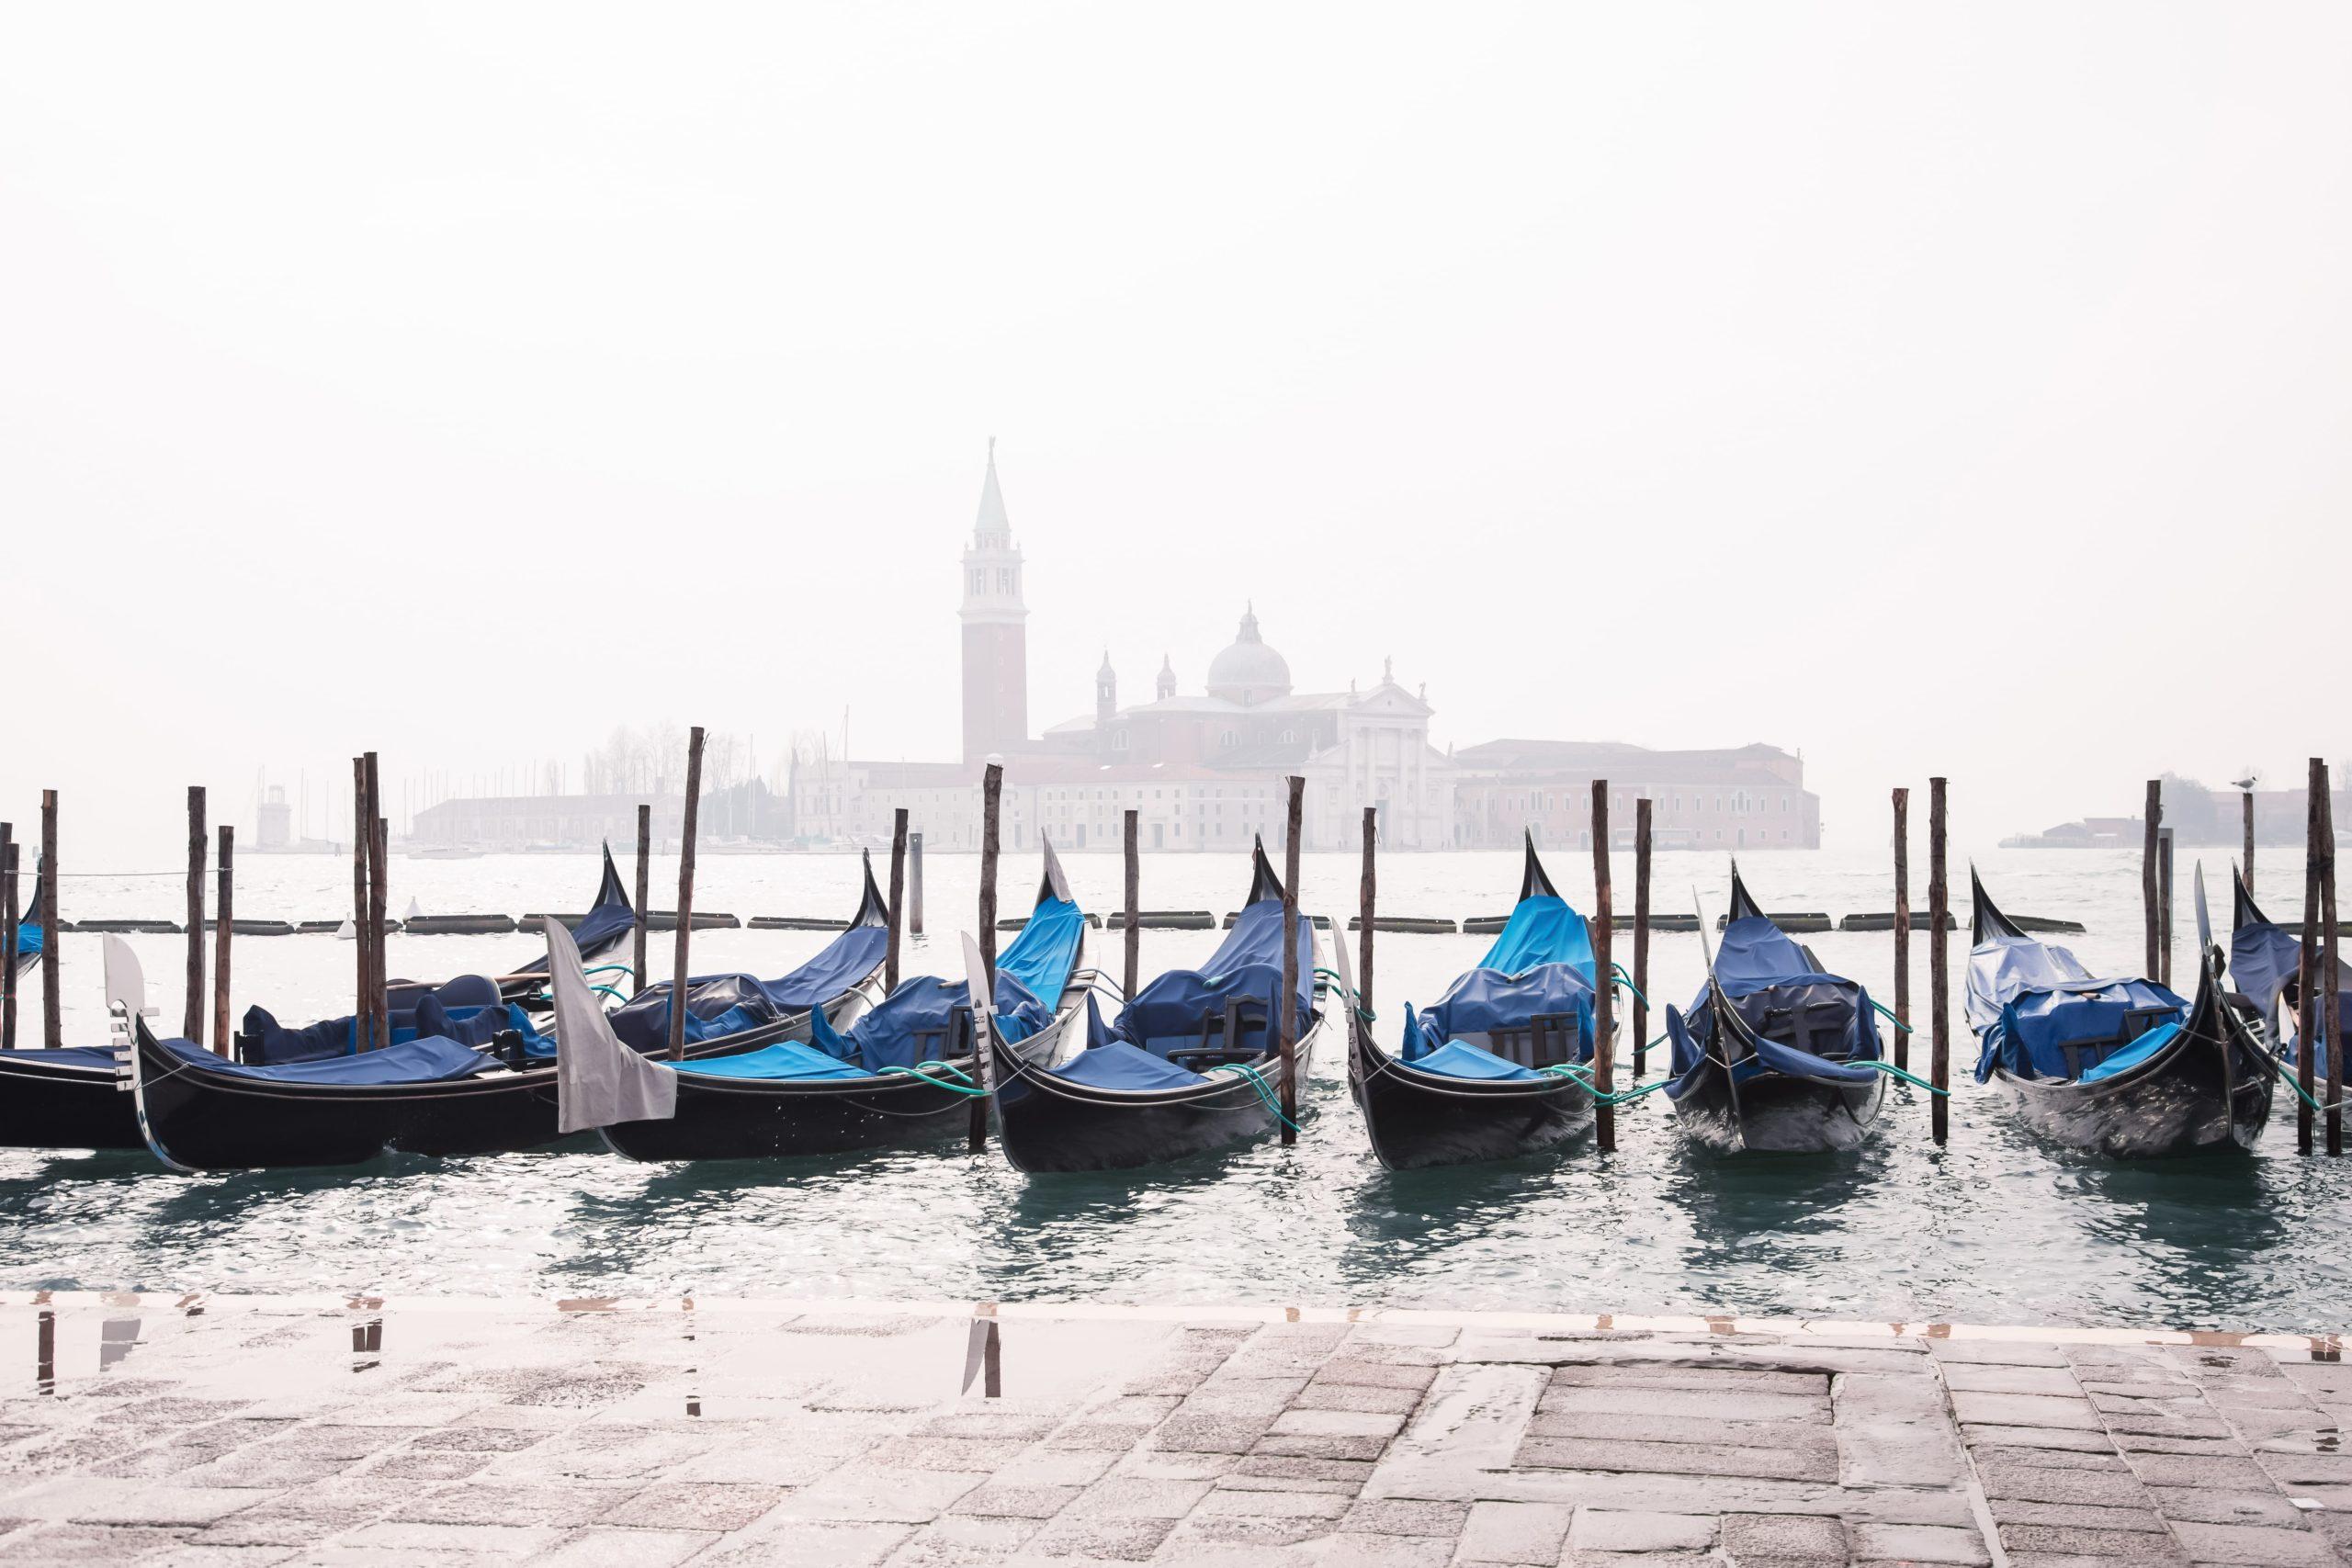 Allarme smog a Venezia: inquinamento è provocato dalle barche